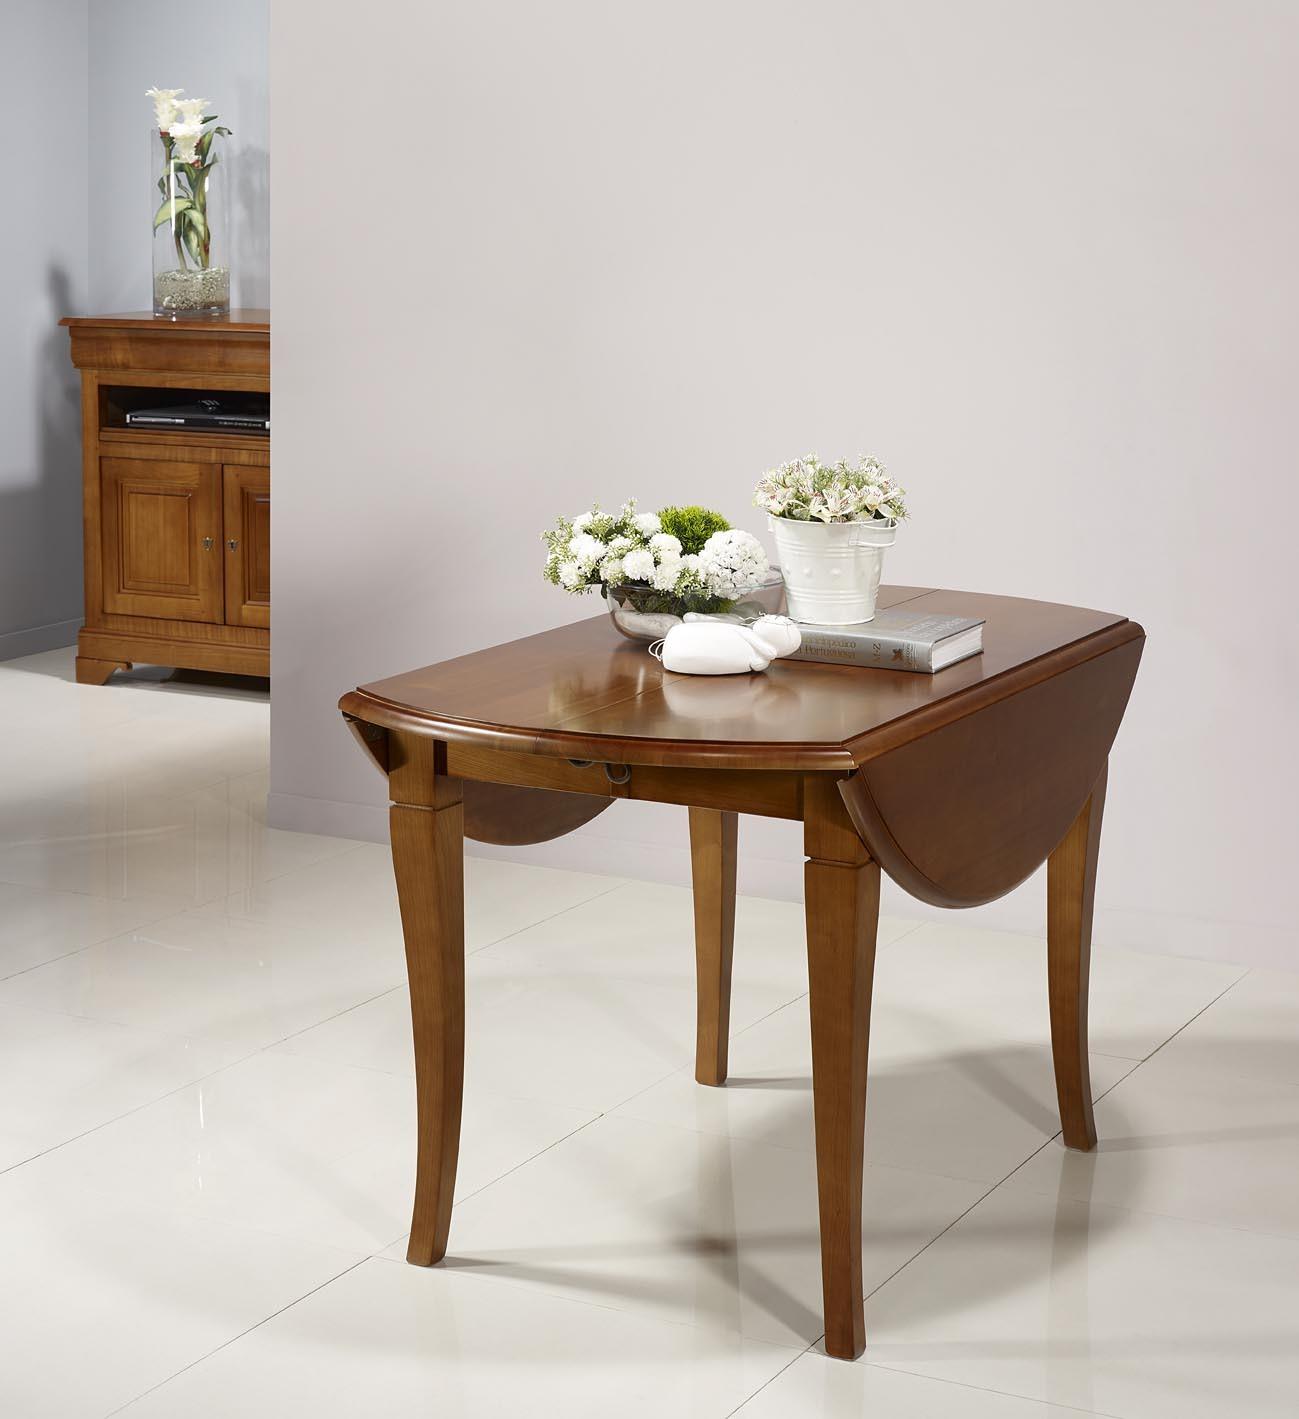 table ovale 135x110 volets en merisier massif de style louis philippe 2 allonges de 40. Black Bedroom Furniture Sets. Home Design Ideas